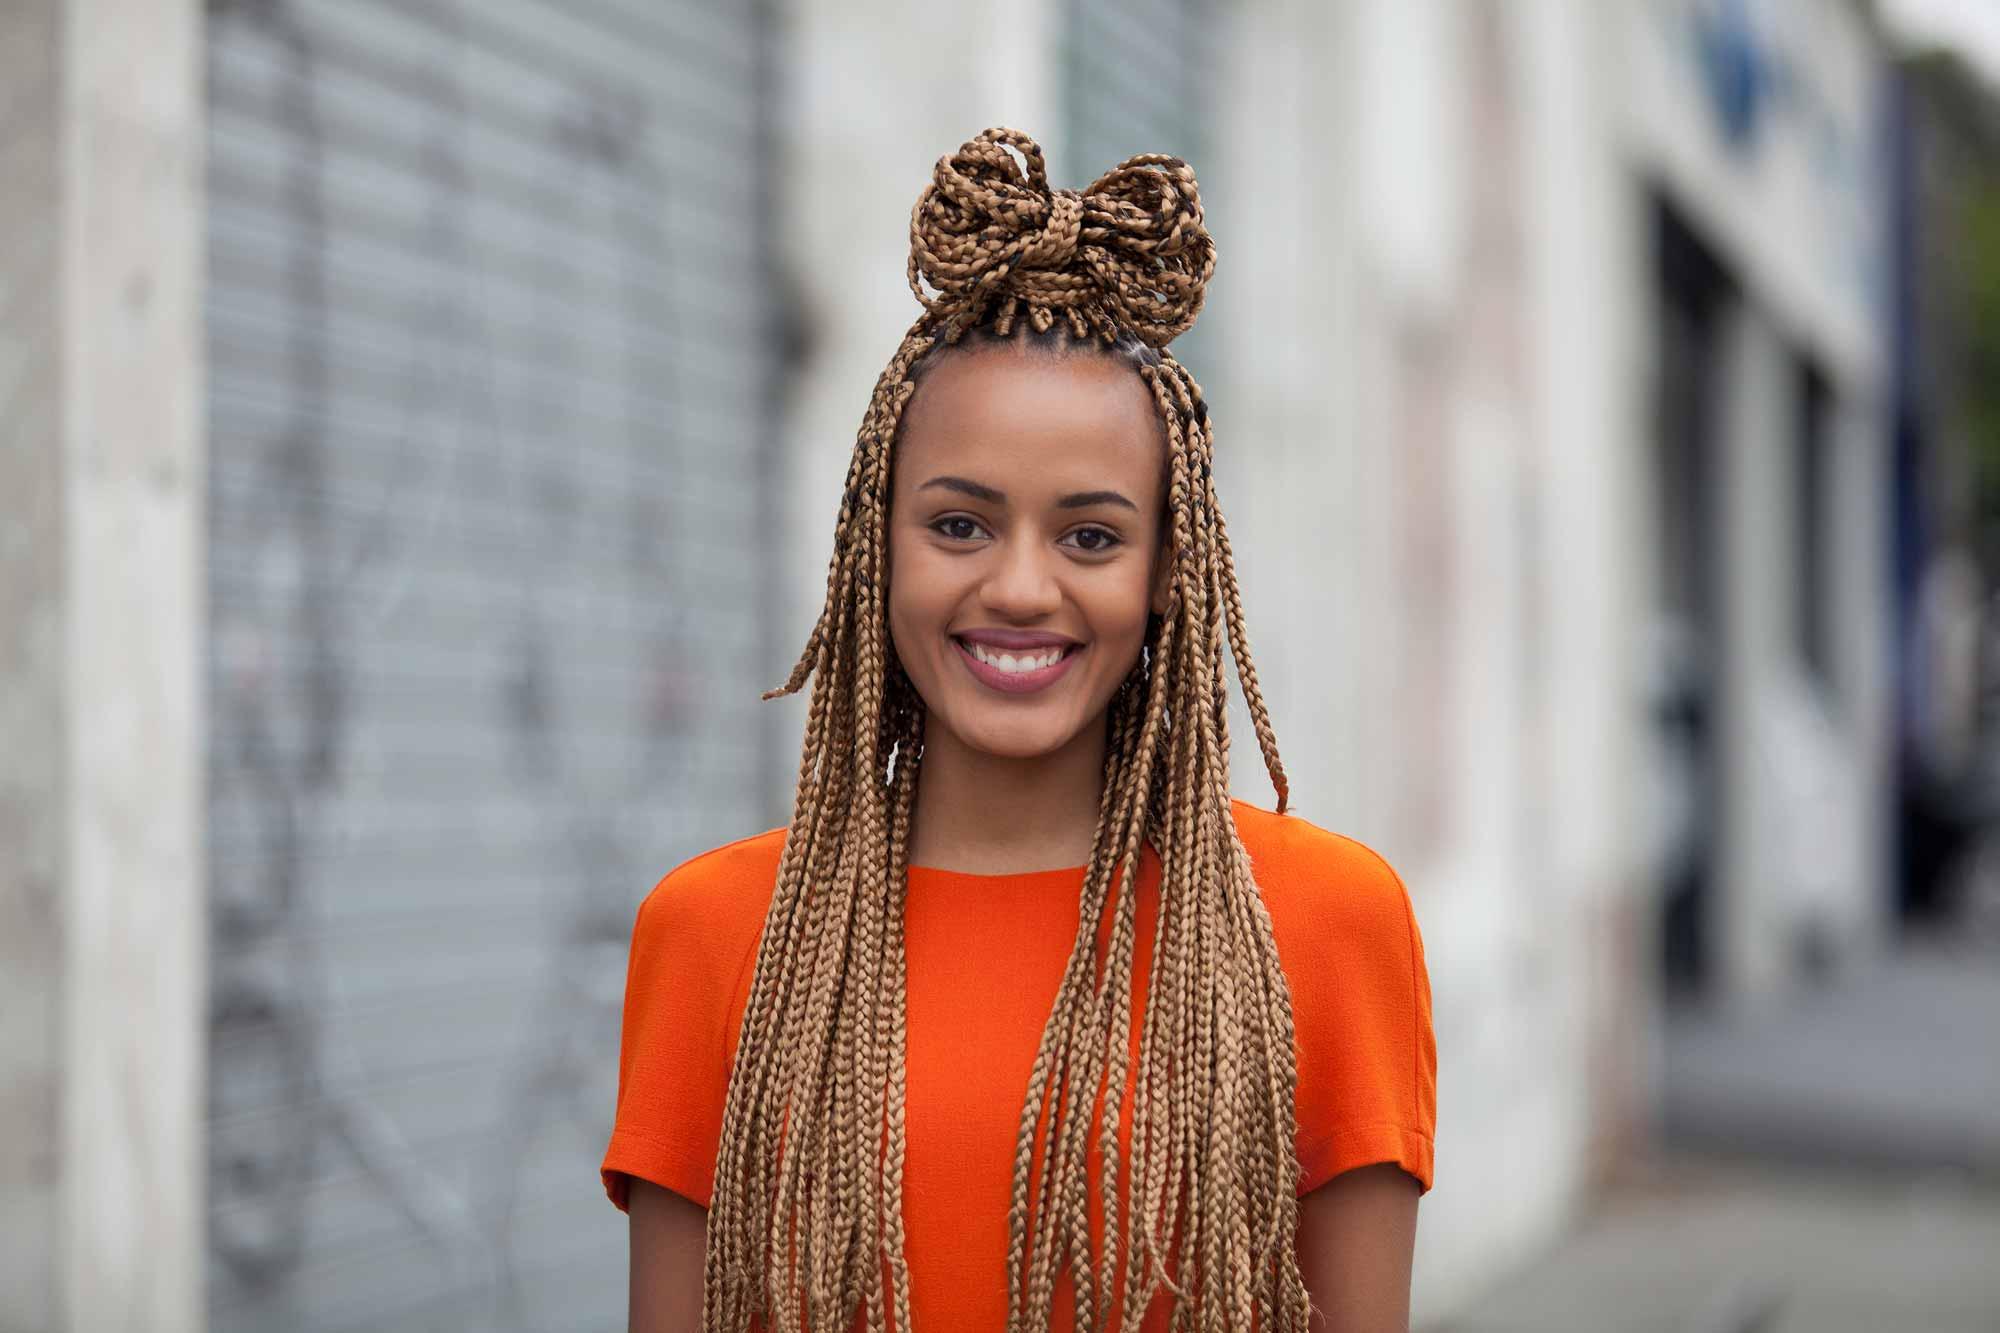 Longue boîte tresse les coiffures : Modèle souriant avec de longues tresses en boîte dorée dans une coiffure à mi-hauteur, portant un haut orange